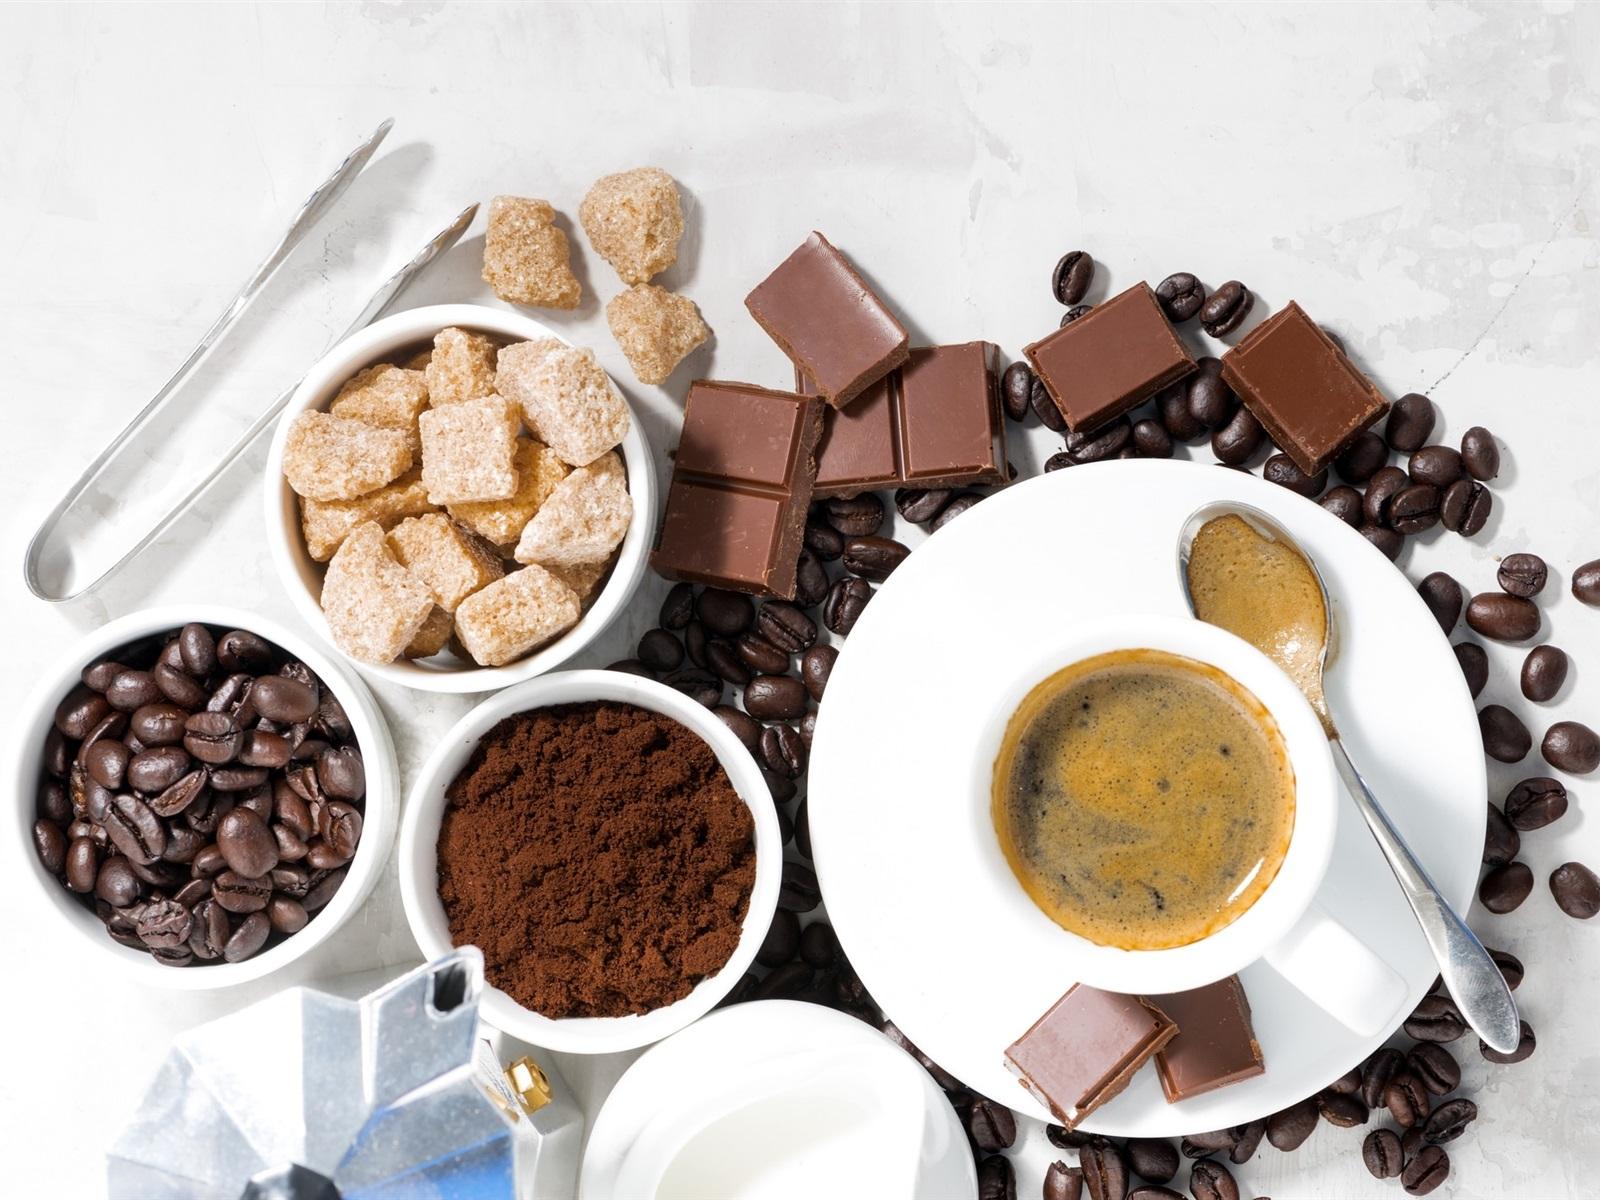 Wallpaper Coffee Beans Chocolate Sugar Cup 1920x1200 Hd